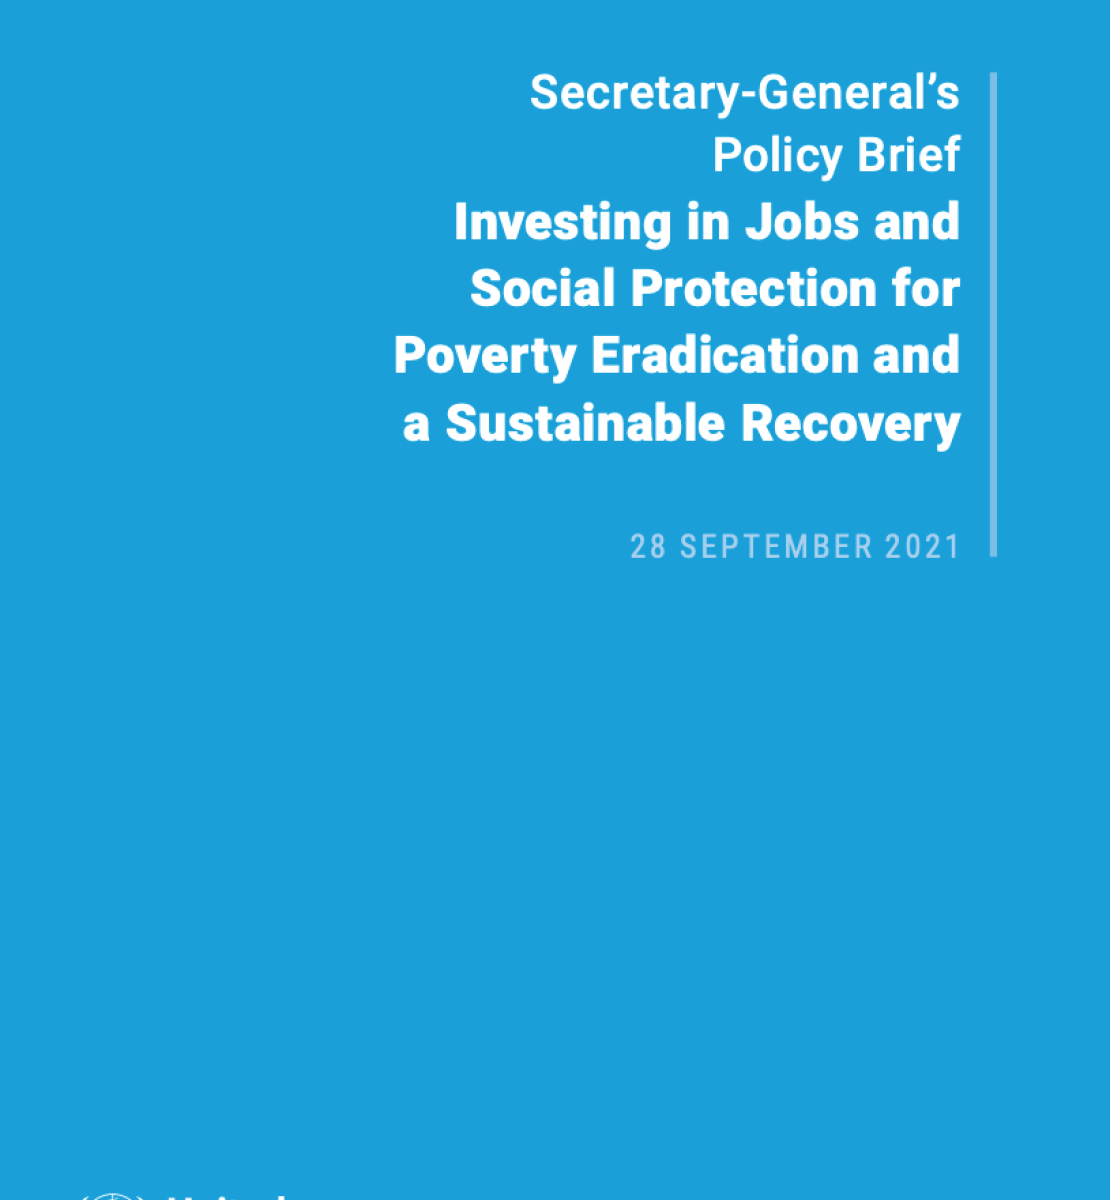 موجز سياساتي على خلفية زرقاء مع عنوان باللون الأبيض في أعلى اليمين وشعار الأمم المتحدة في أسفل اليسار.